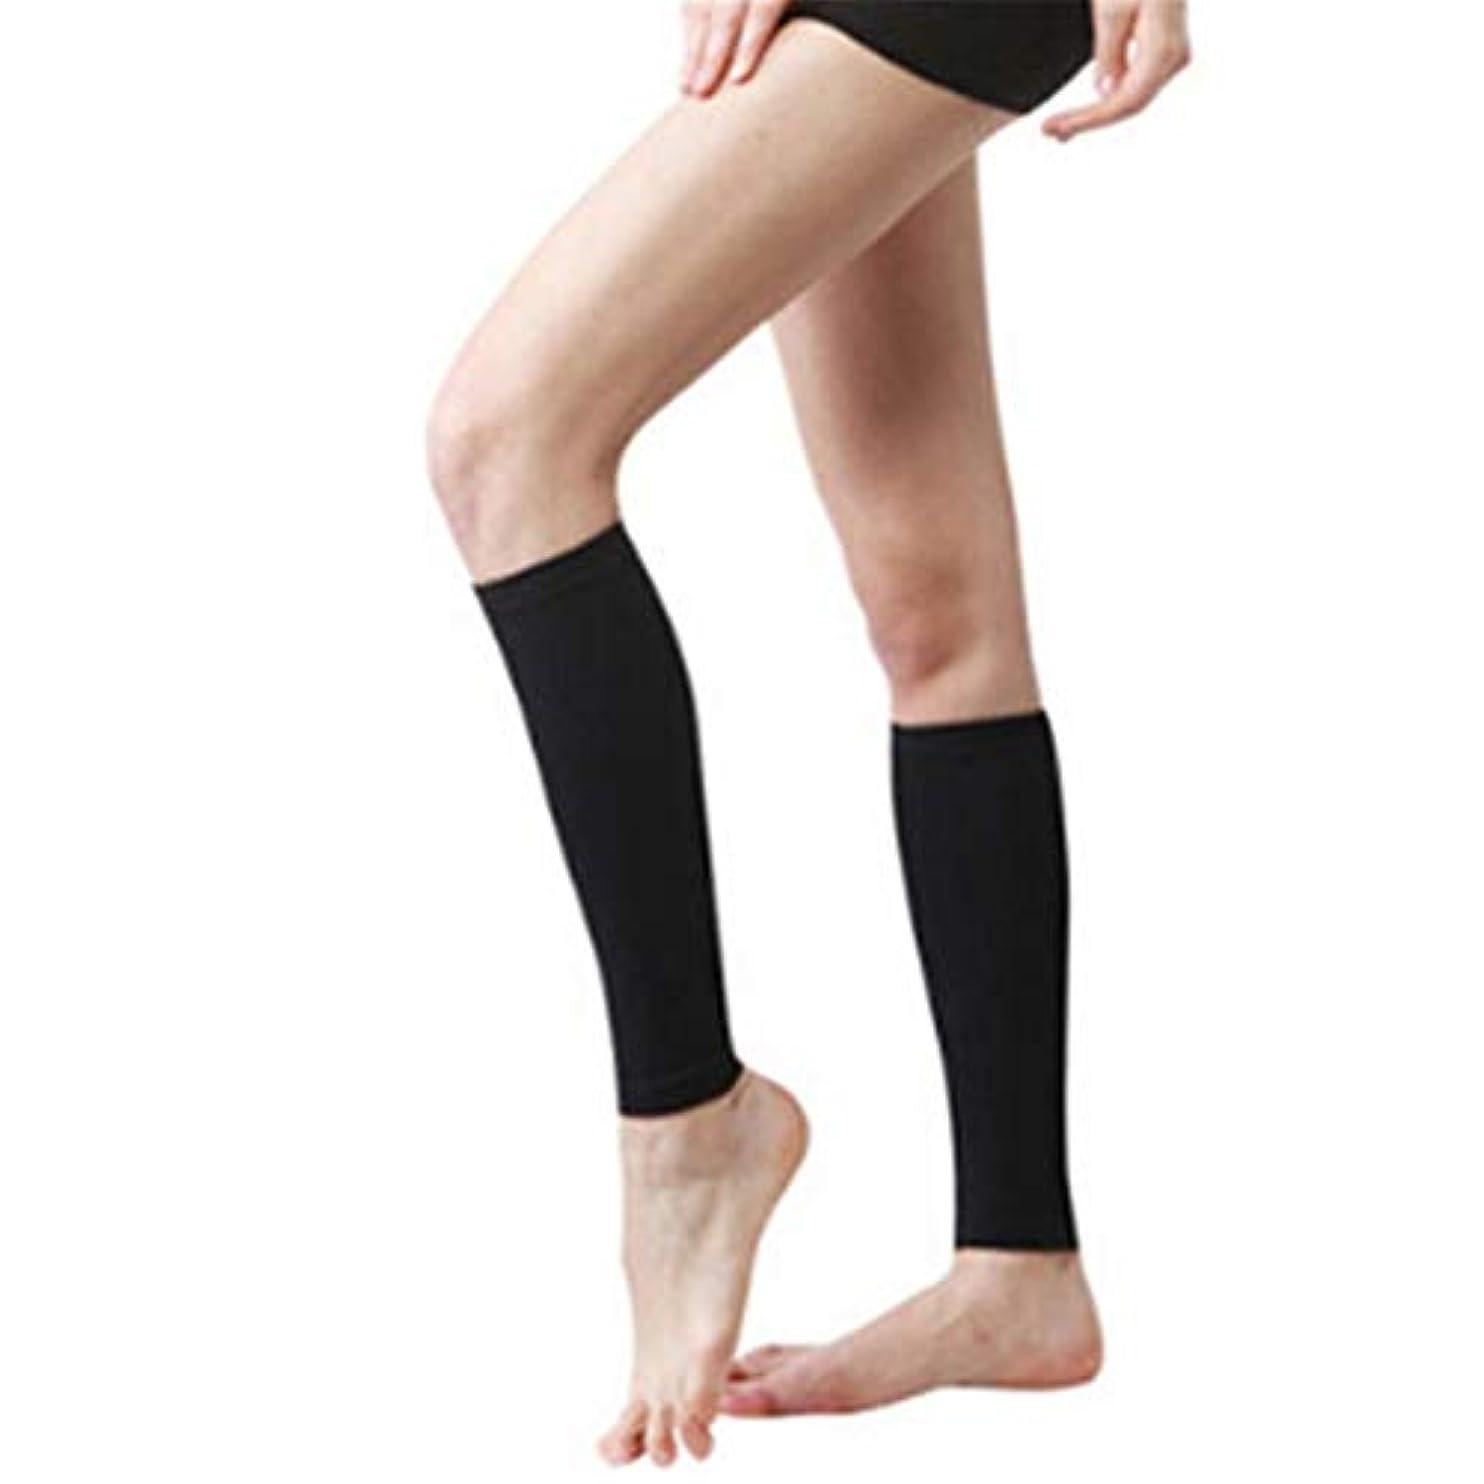 レインコート偽観客Toporchid 女性の脚スリム圧縮ストレッチスリーブは、長い靴下の形成を防ぐジムフィットネスボディビルディング脚保護ツール(黒)